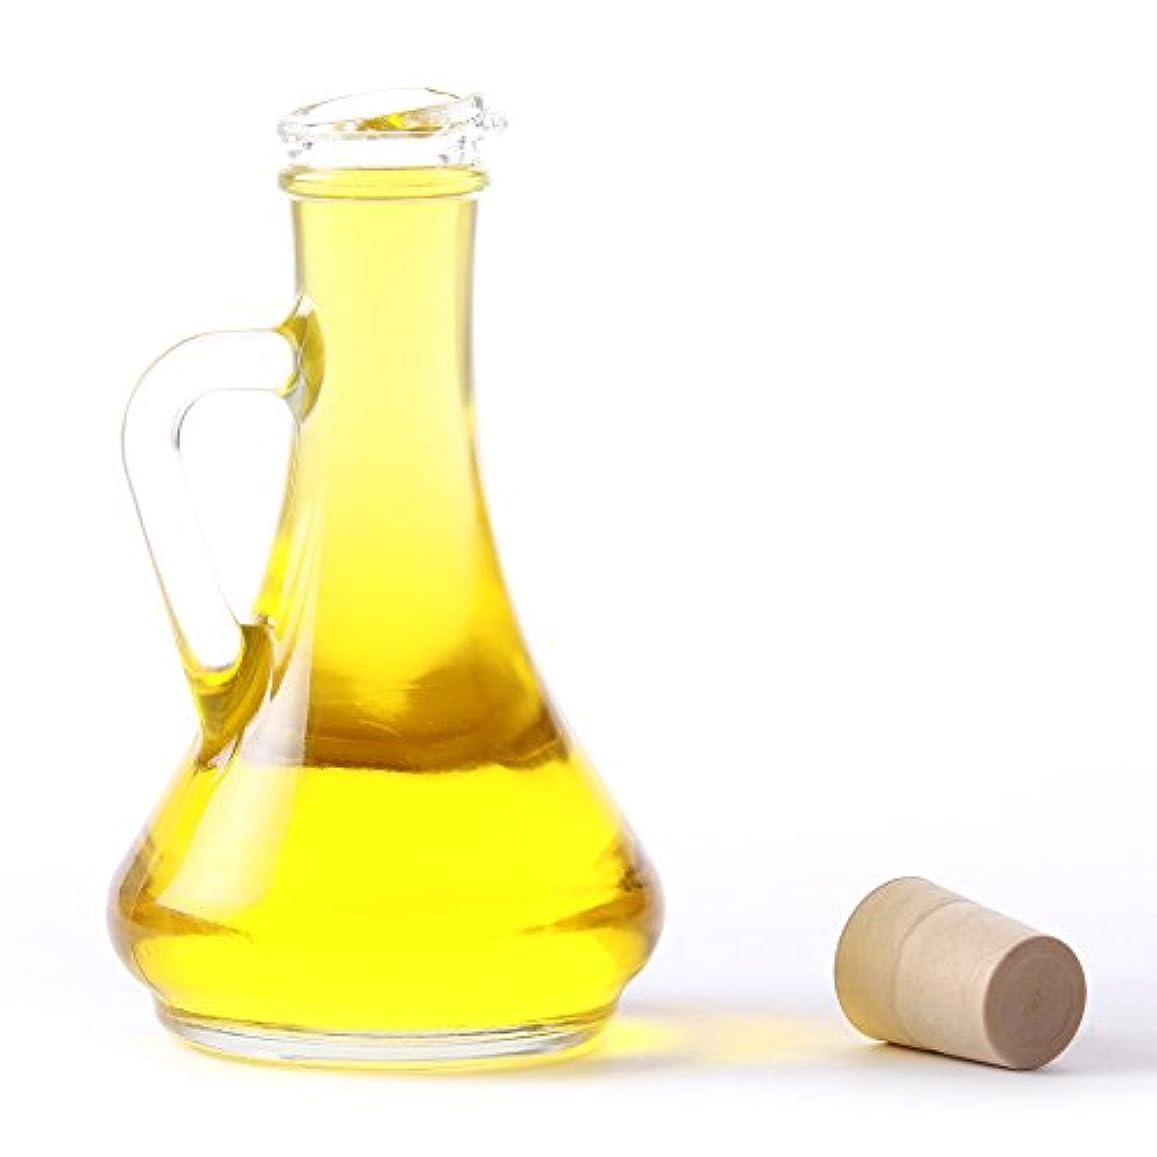 続けるマスク空いているMystic Moments | Evening Primrose Virgin Organic Carrier Oil - 5 Litre - 100% Pure